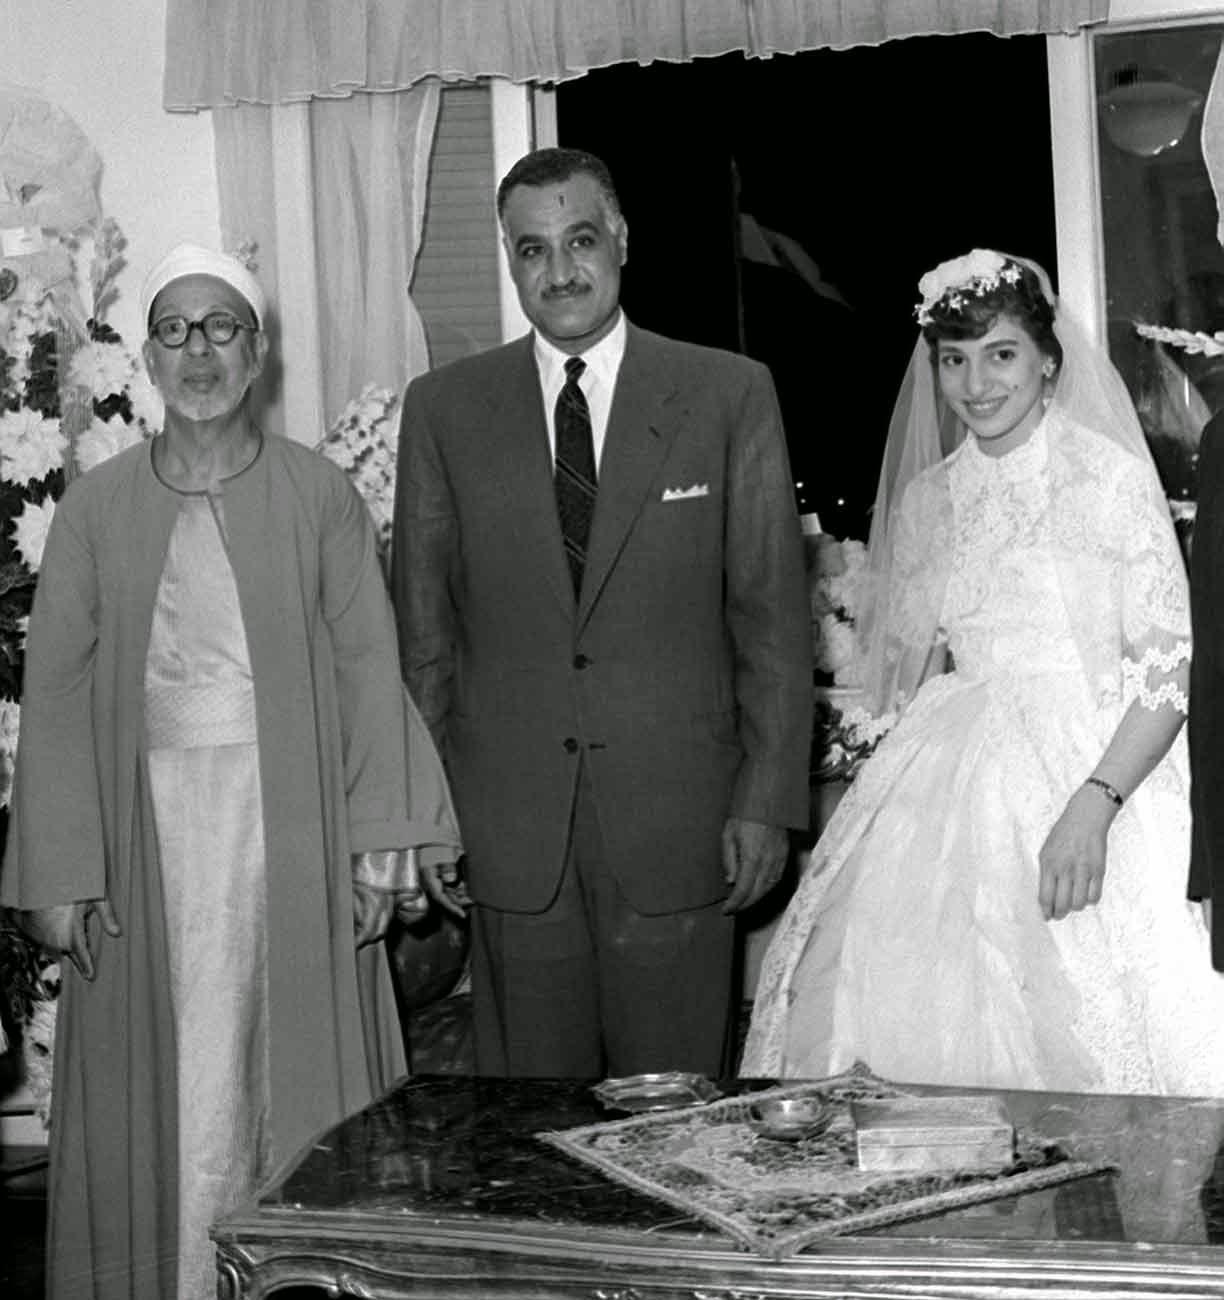 الشيخ عبدالرحمن تاج شيخ الأزهر فى حفل زفاف ابنته مع الرئيس عبدالناصر